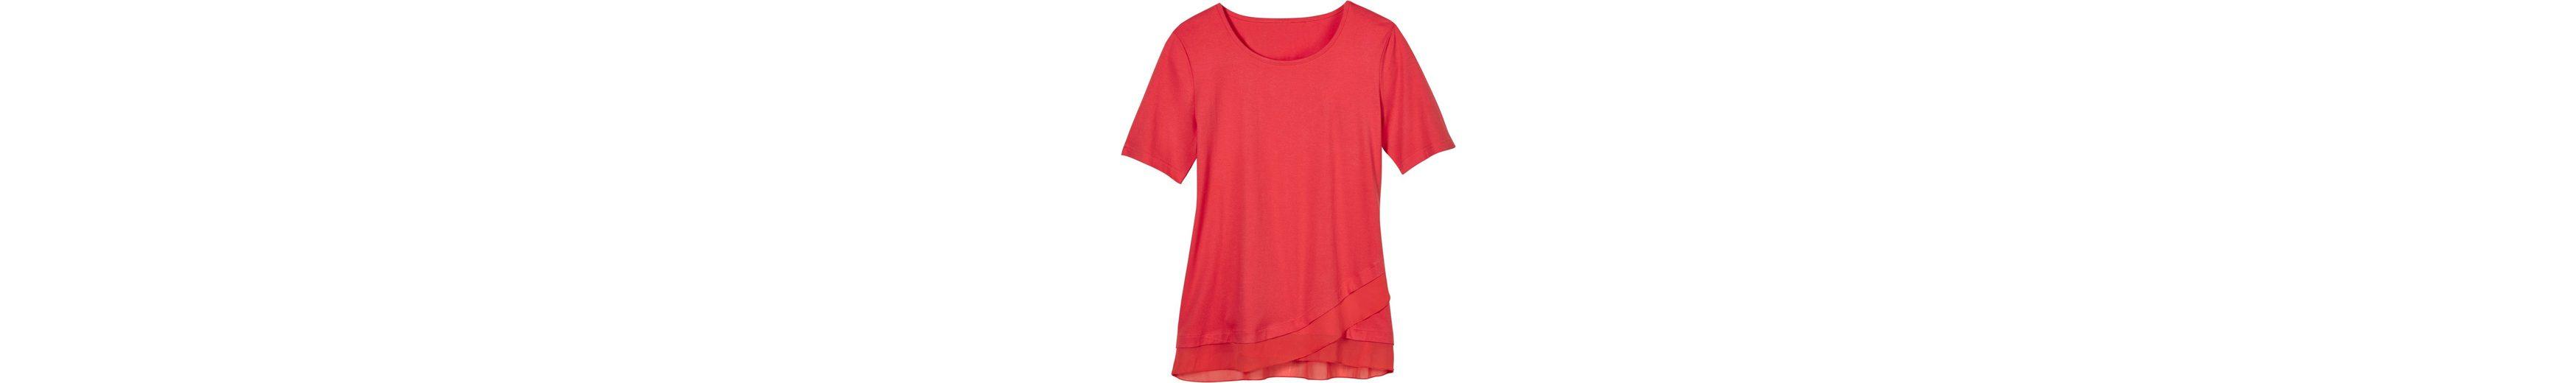 Chiffon Chiffon mit Classic Shirt Basics Basics Saum mit abgerundetem Classic abgerundetem Shirt Saum RPwq5xH